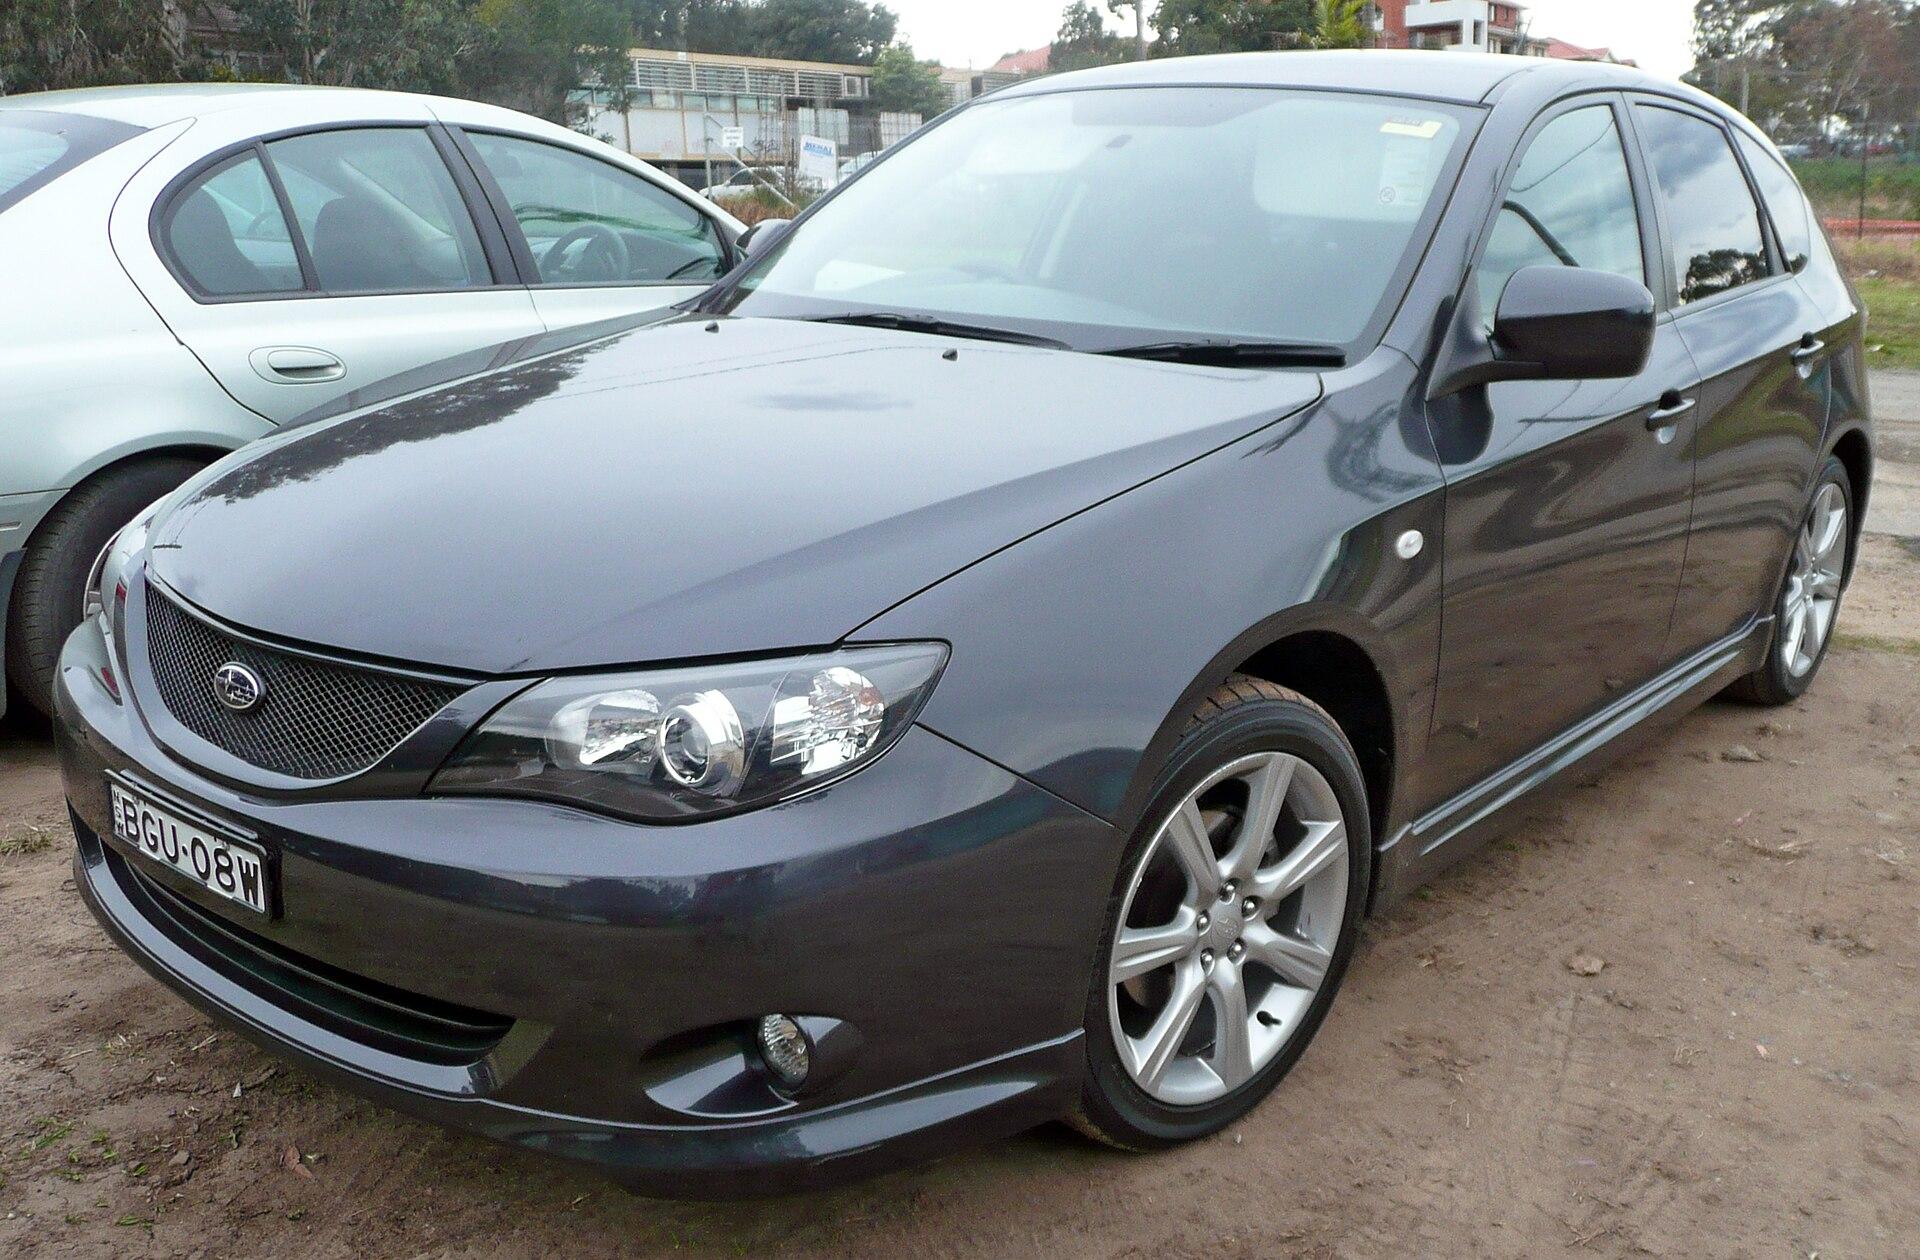 08 Wrx Hatchback >> Subaru Impreza – Wikipedie